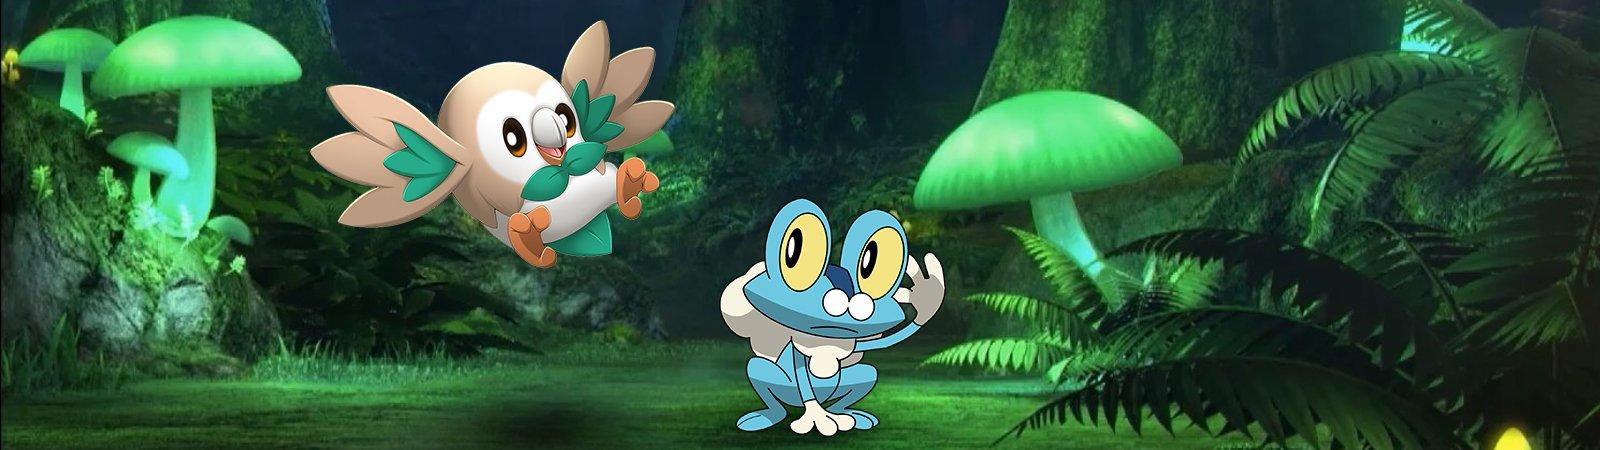 © The Pokemon Company